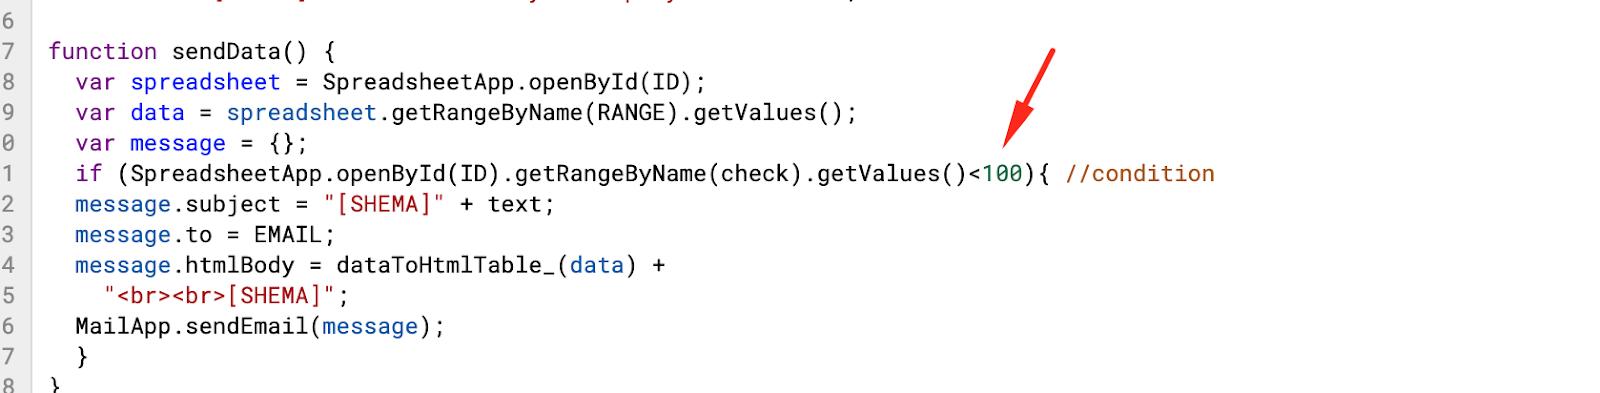 Условие для отправки данных из Google Spreadsheets на email / SHEMA